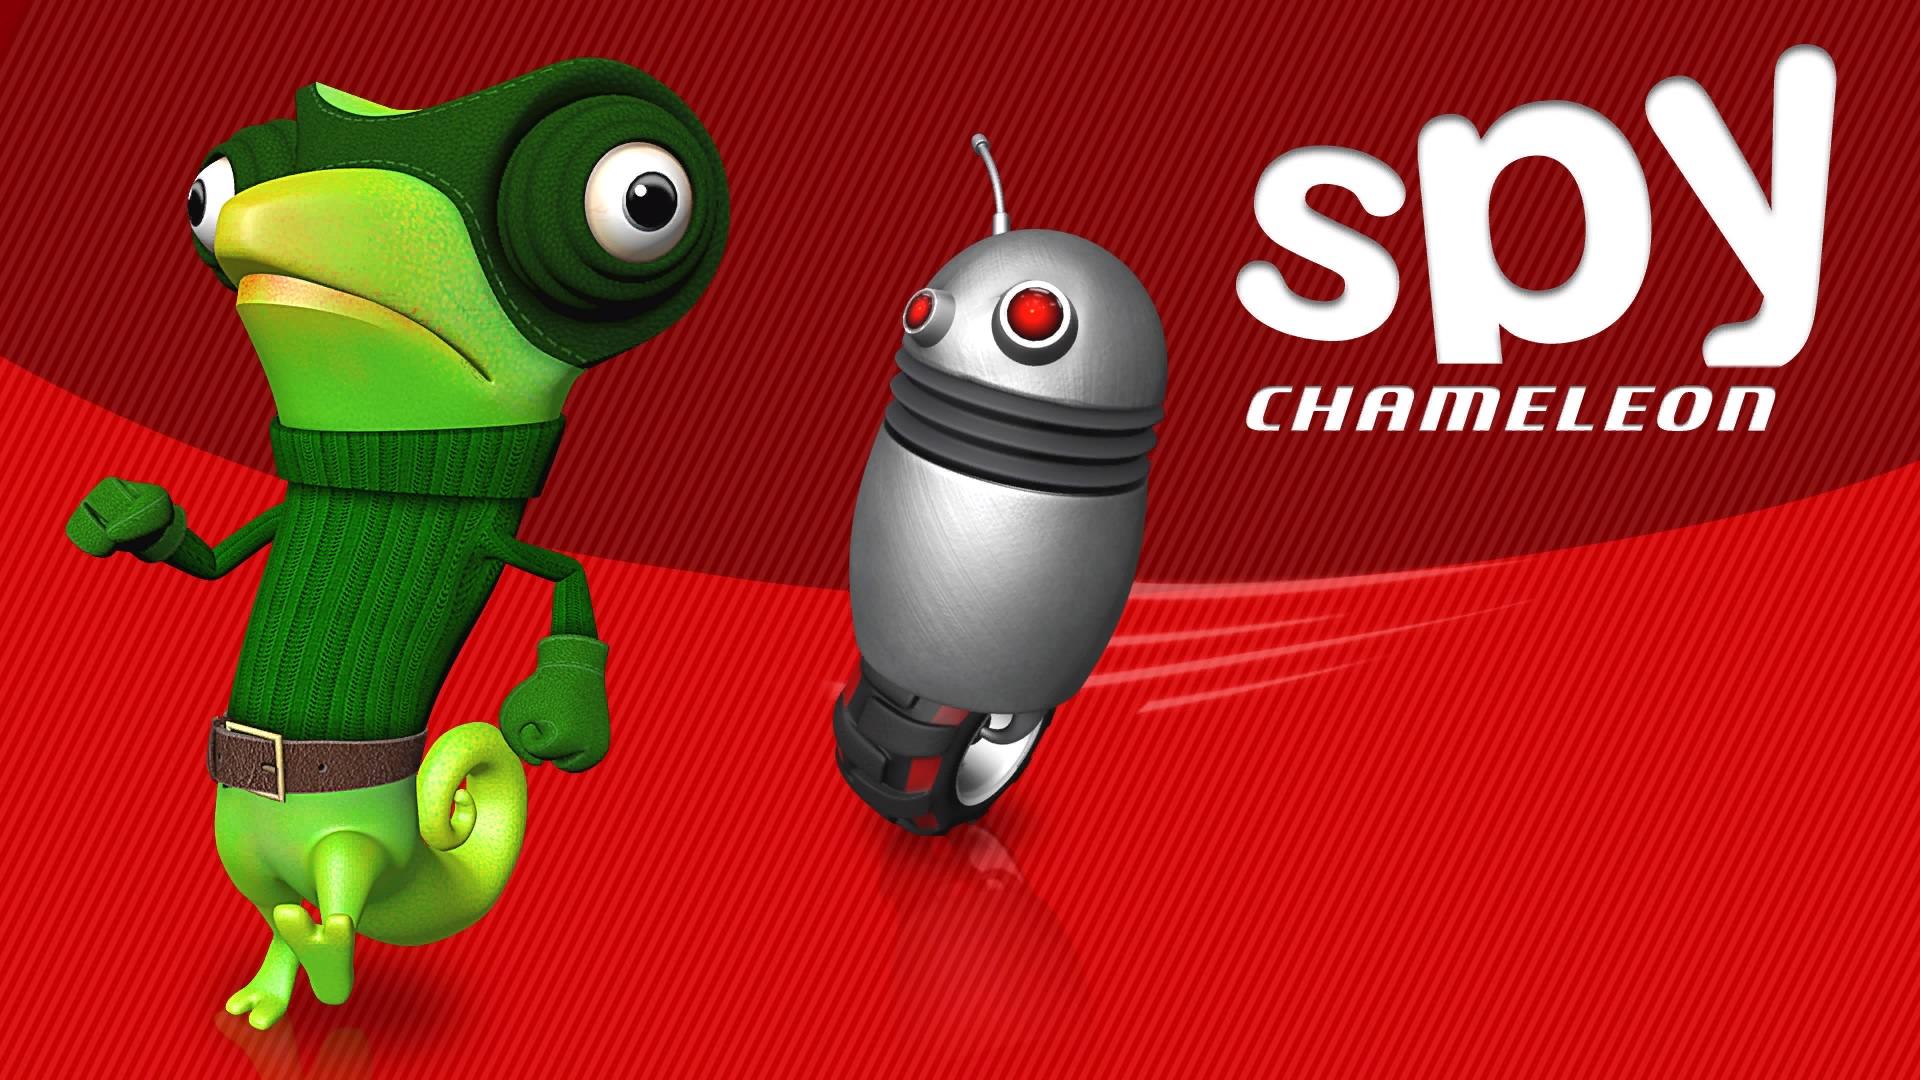 Spy Chameleon_20170606182943